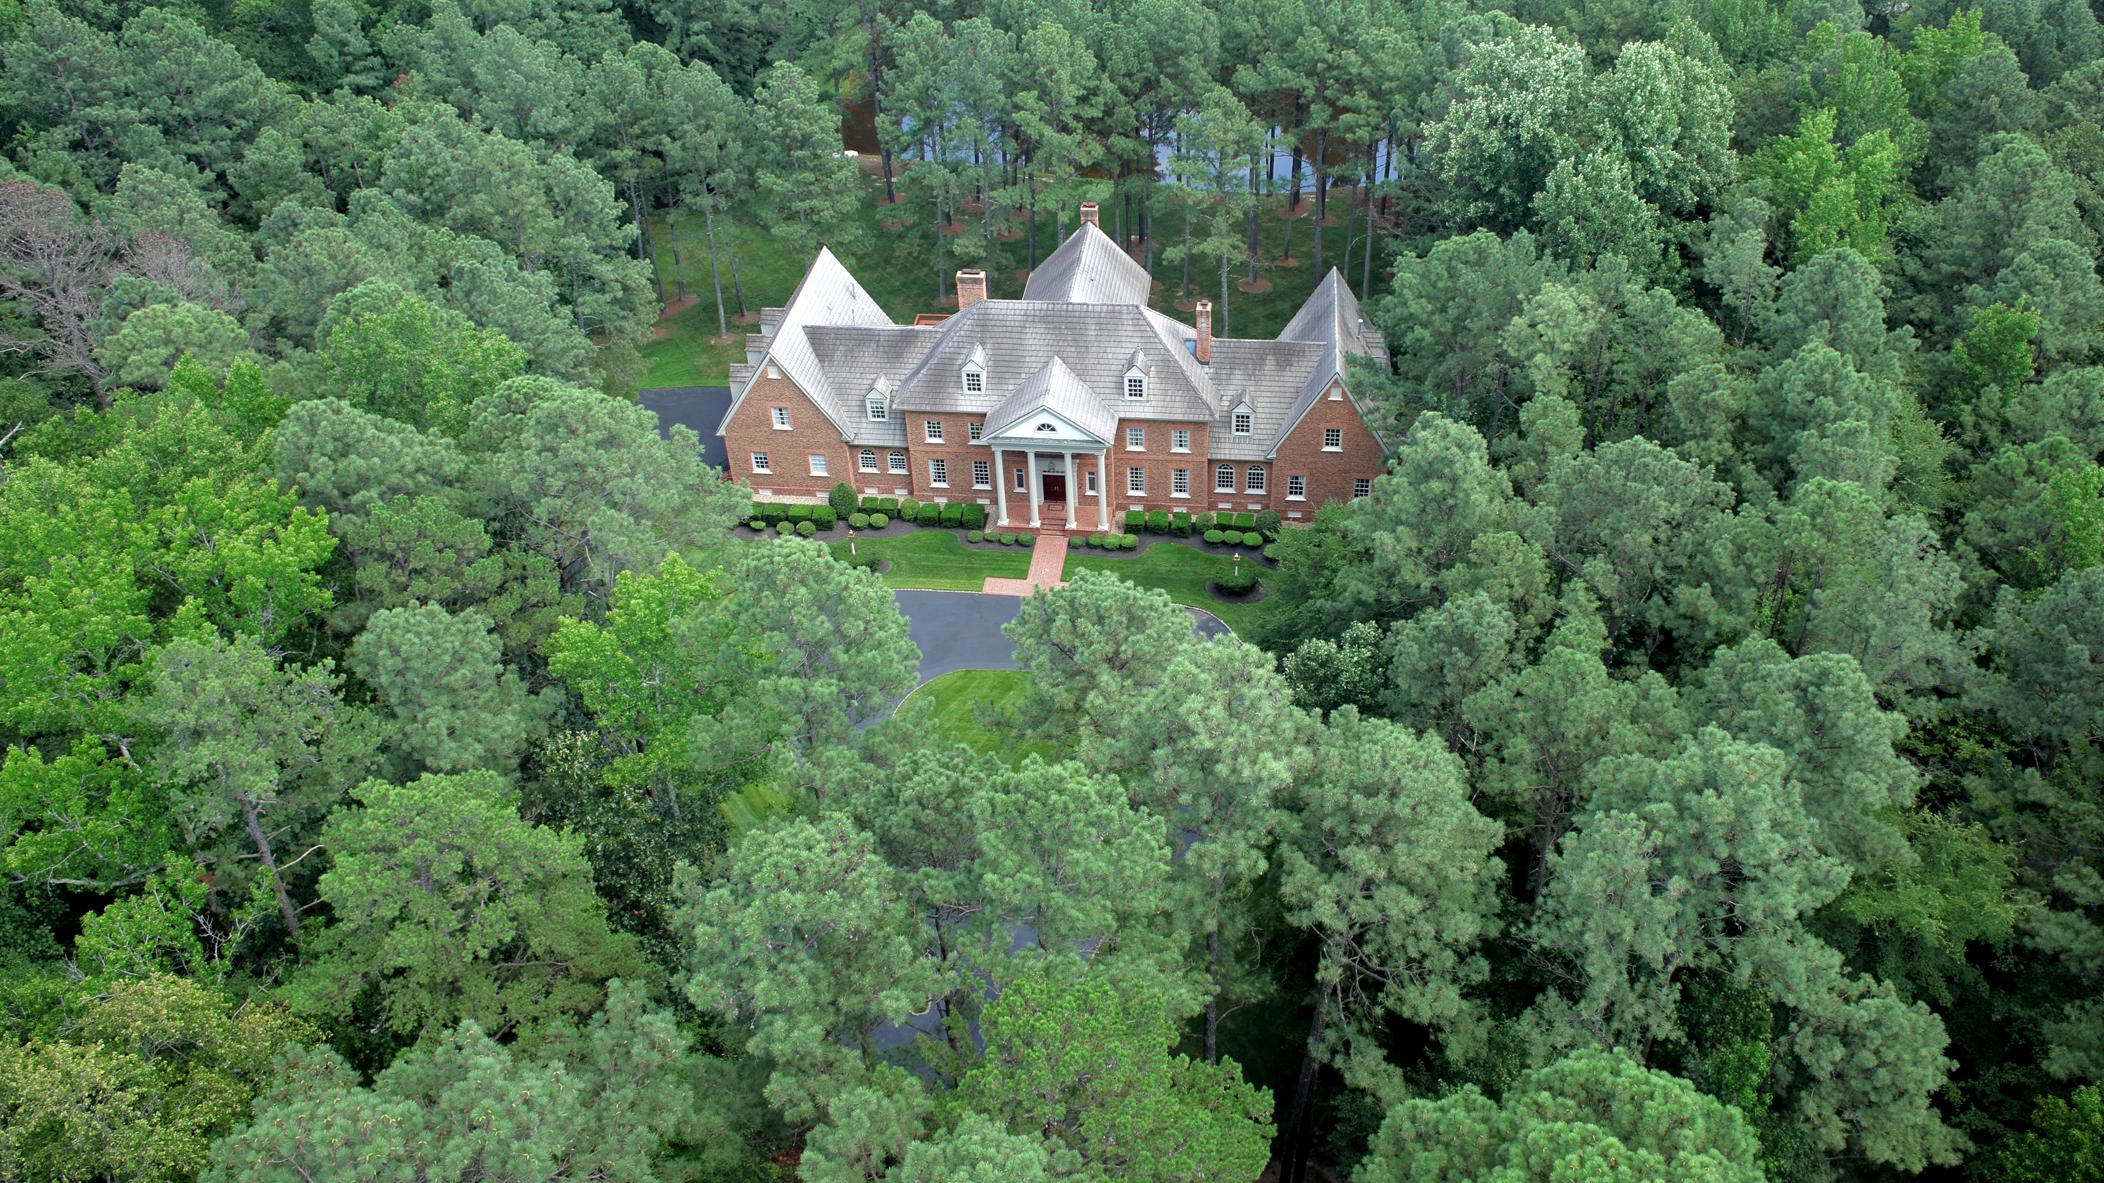 独户住宅 为 销售 在 221 Dryden Lane Richmond, 弗吉尼亚州 23229 美国